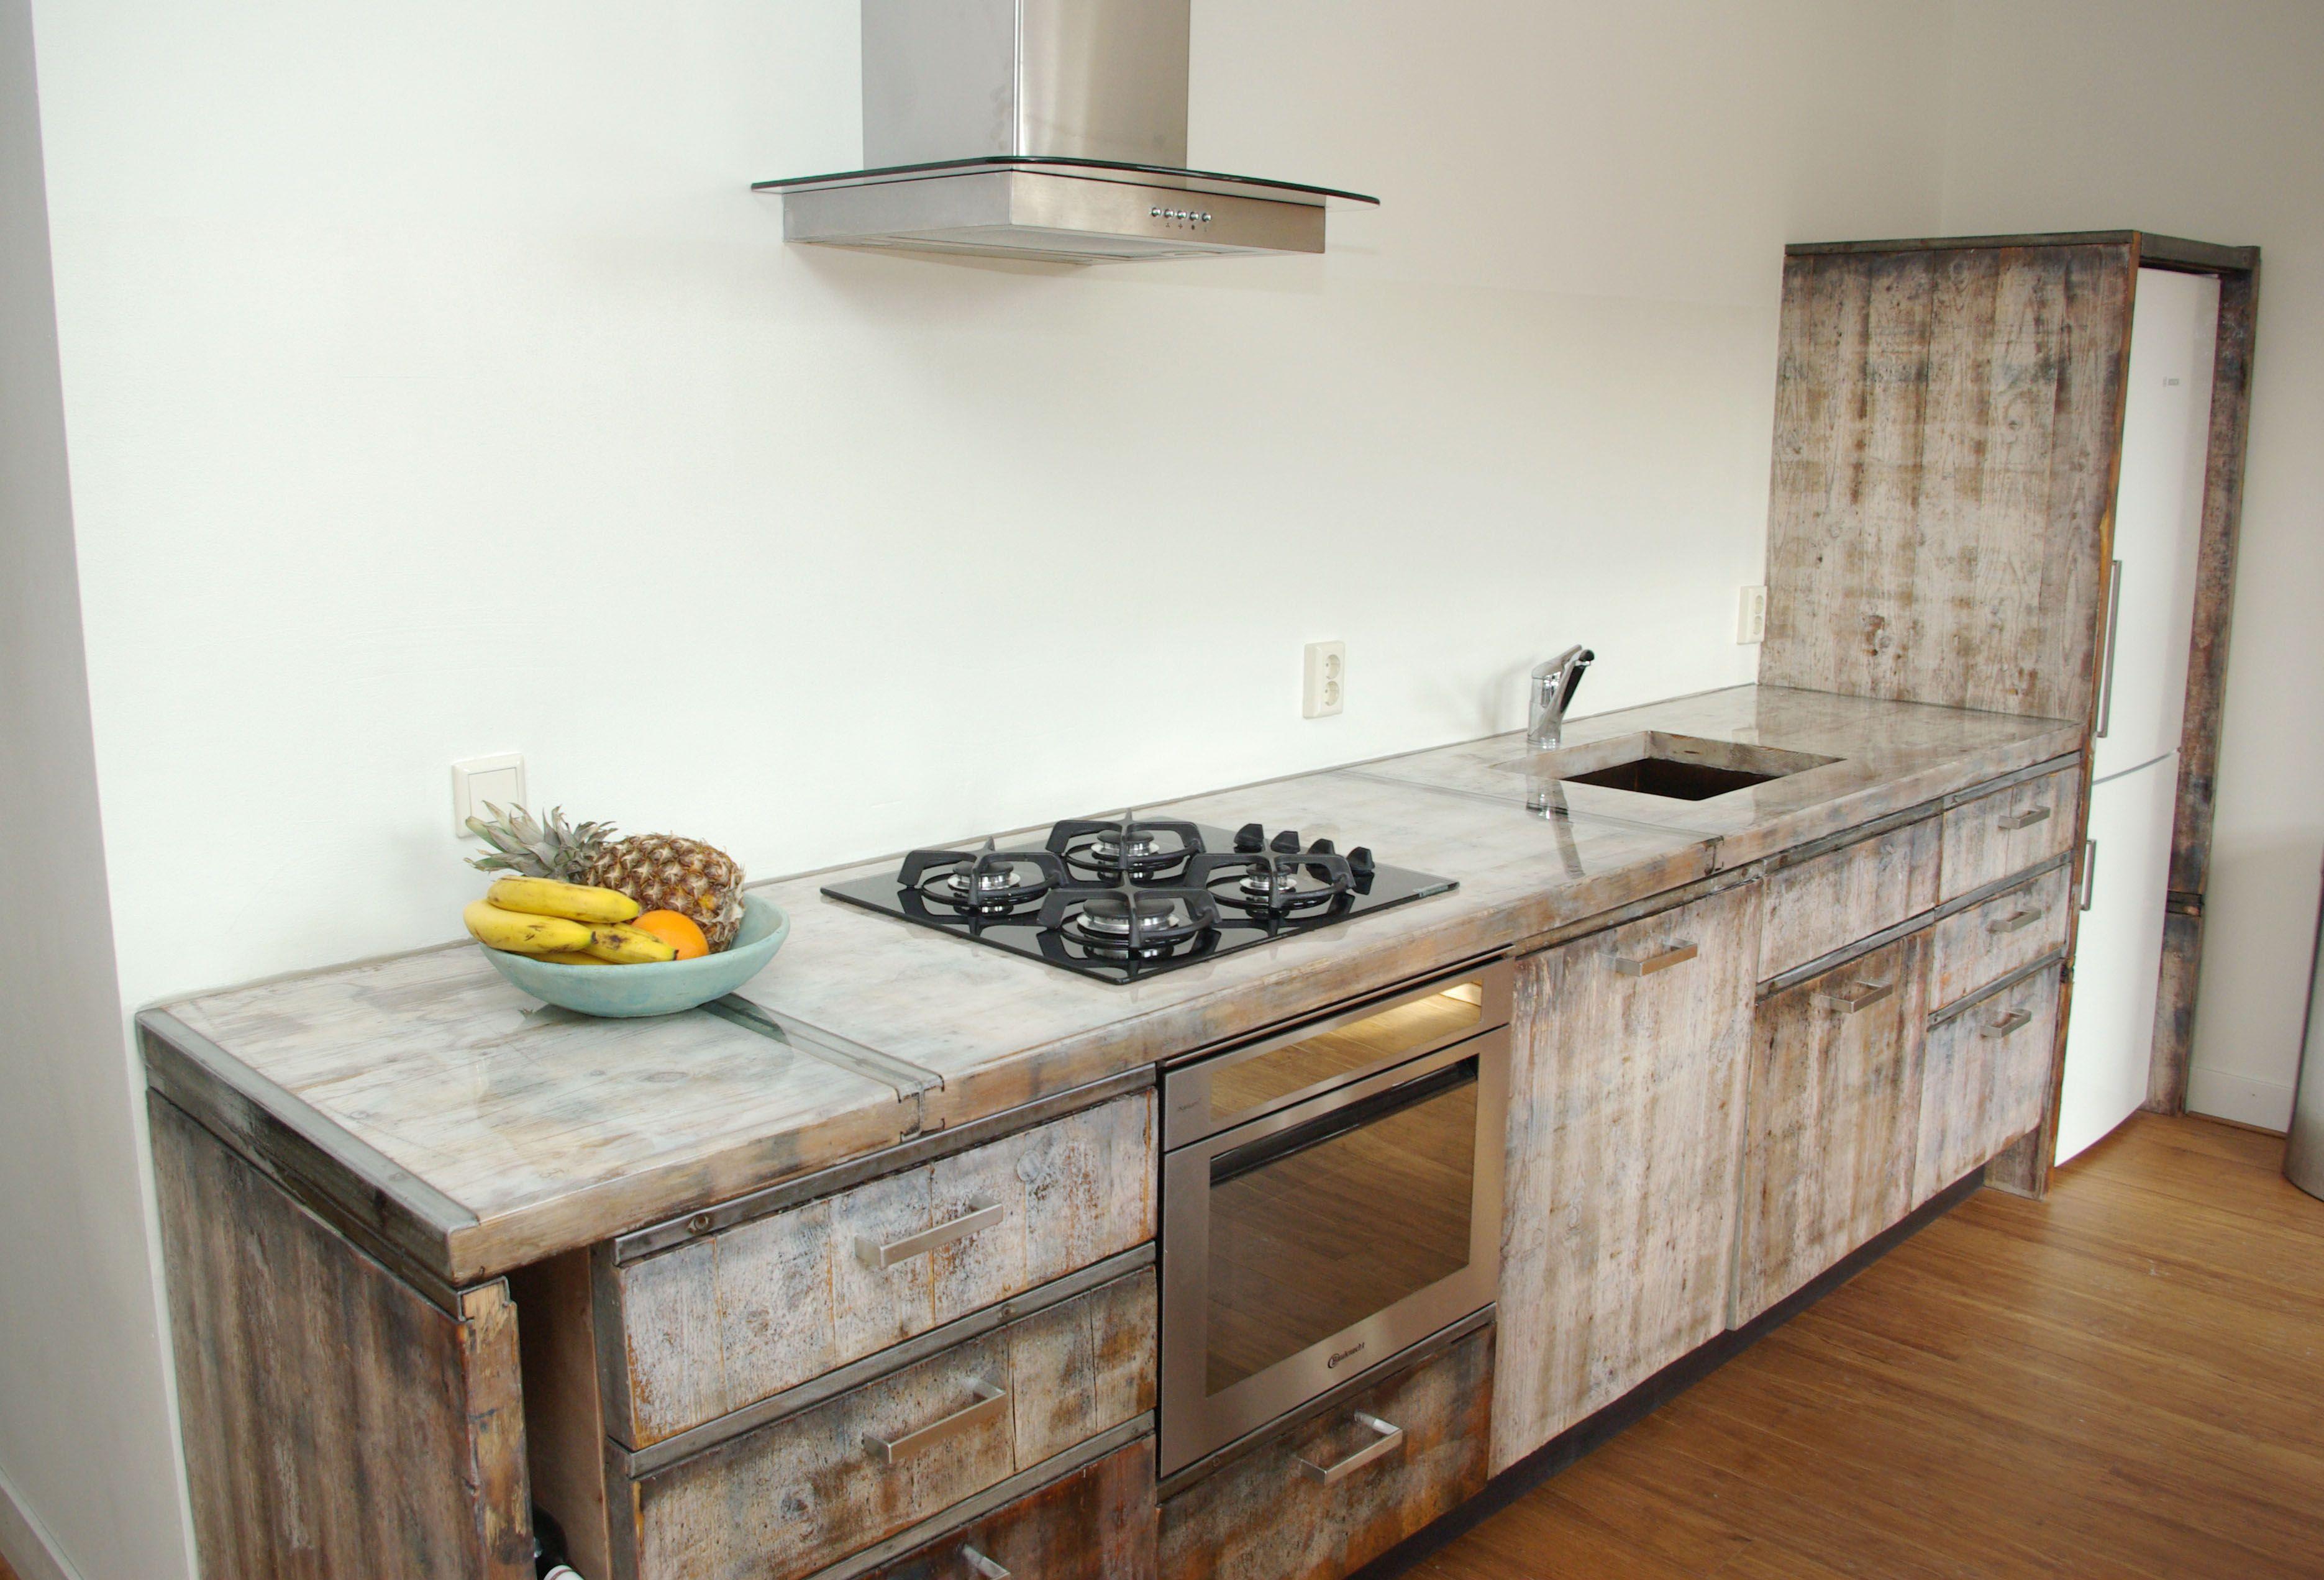 De eerste keuken gemaakt van steenschotten wendeldesign